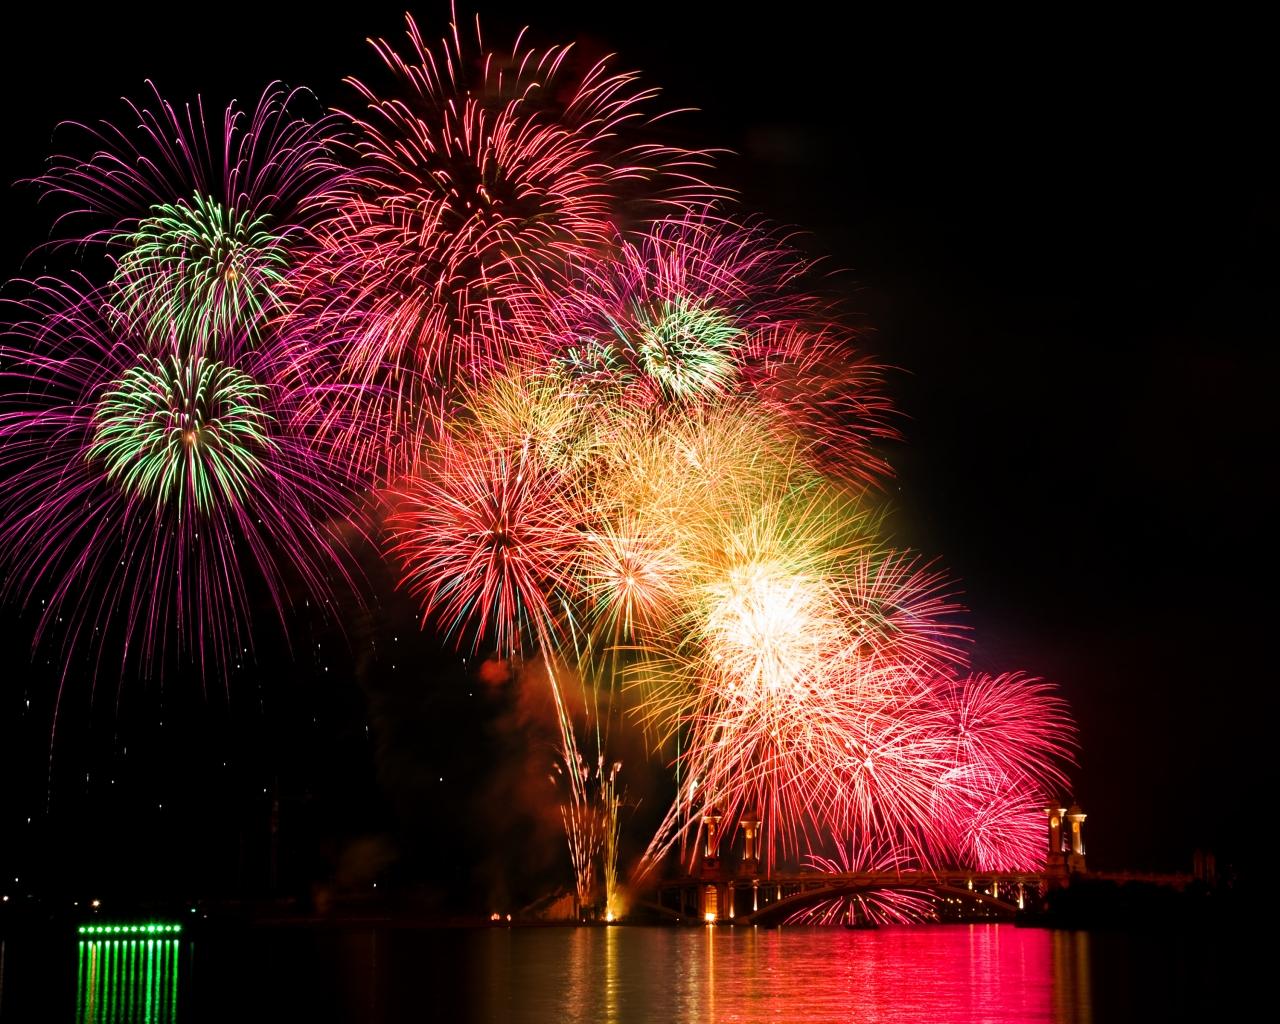 Fuegos artificiales en cielo - 1280x1024